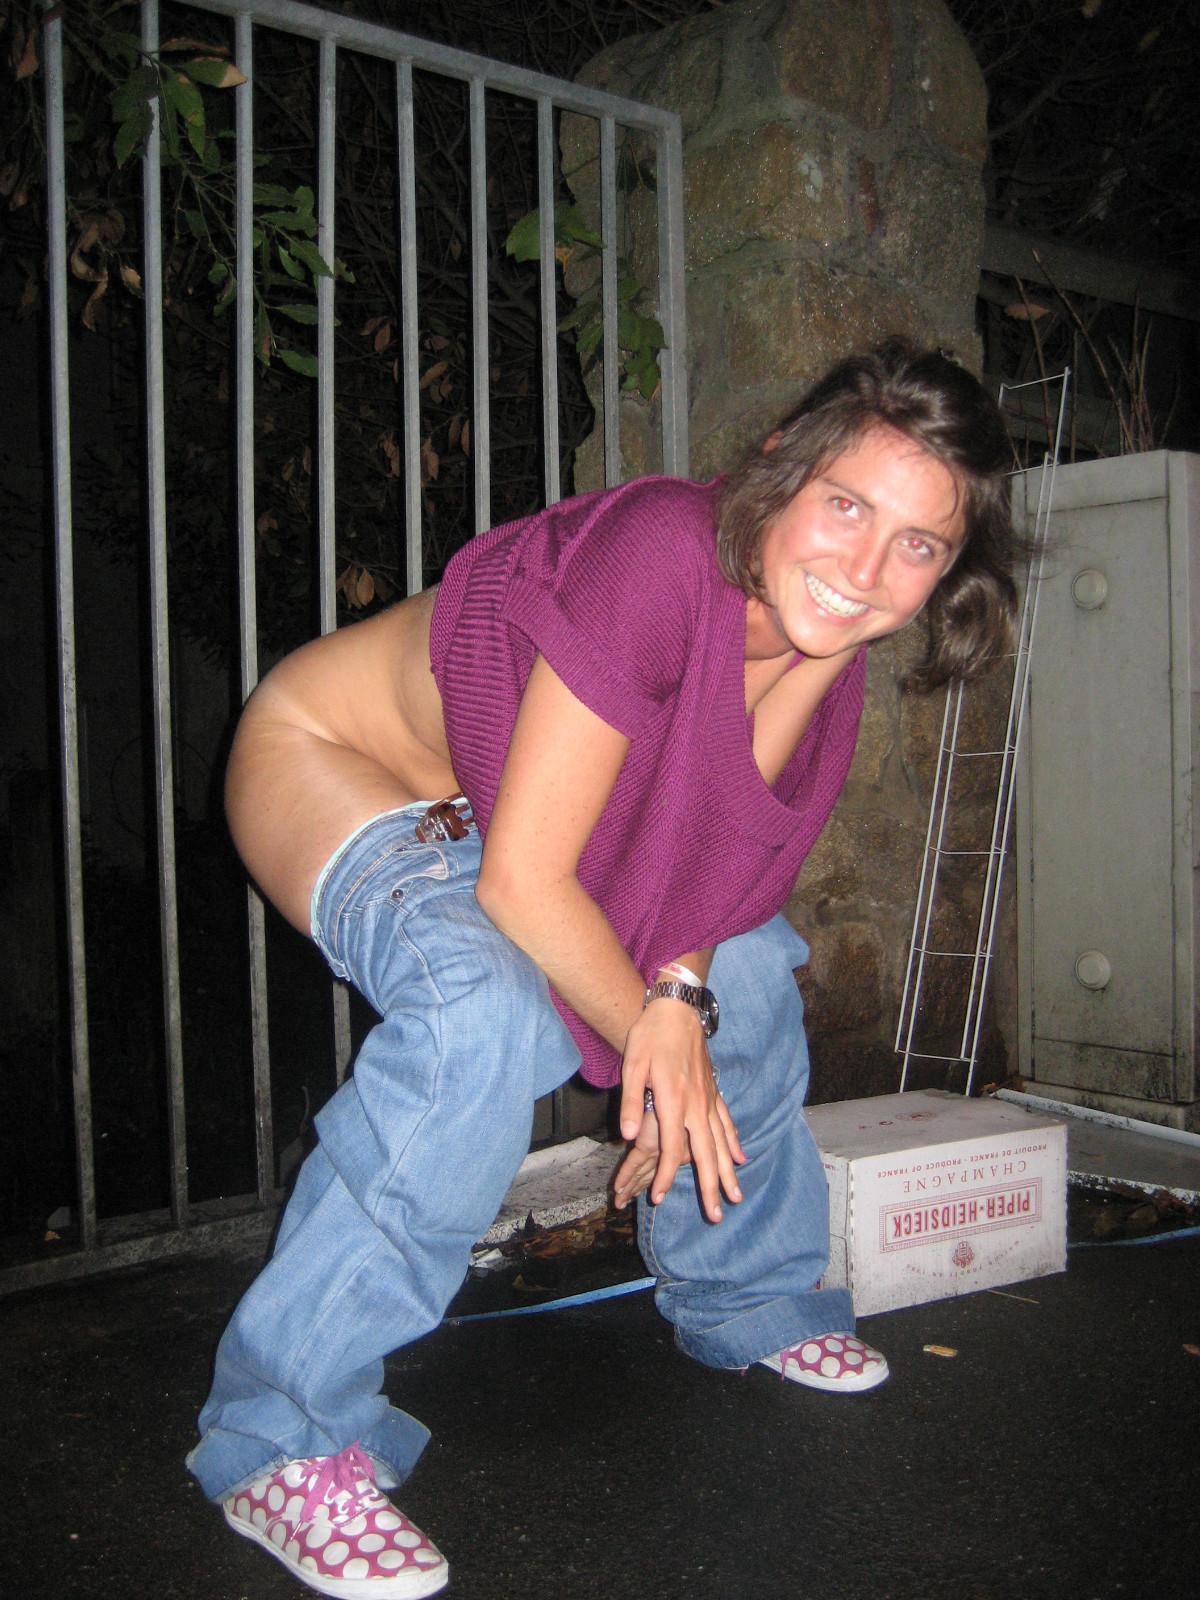 squat pissing CJoKa5UVAAA6-yW.jpg:large